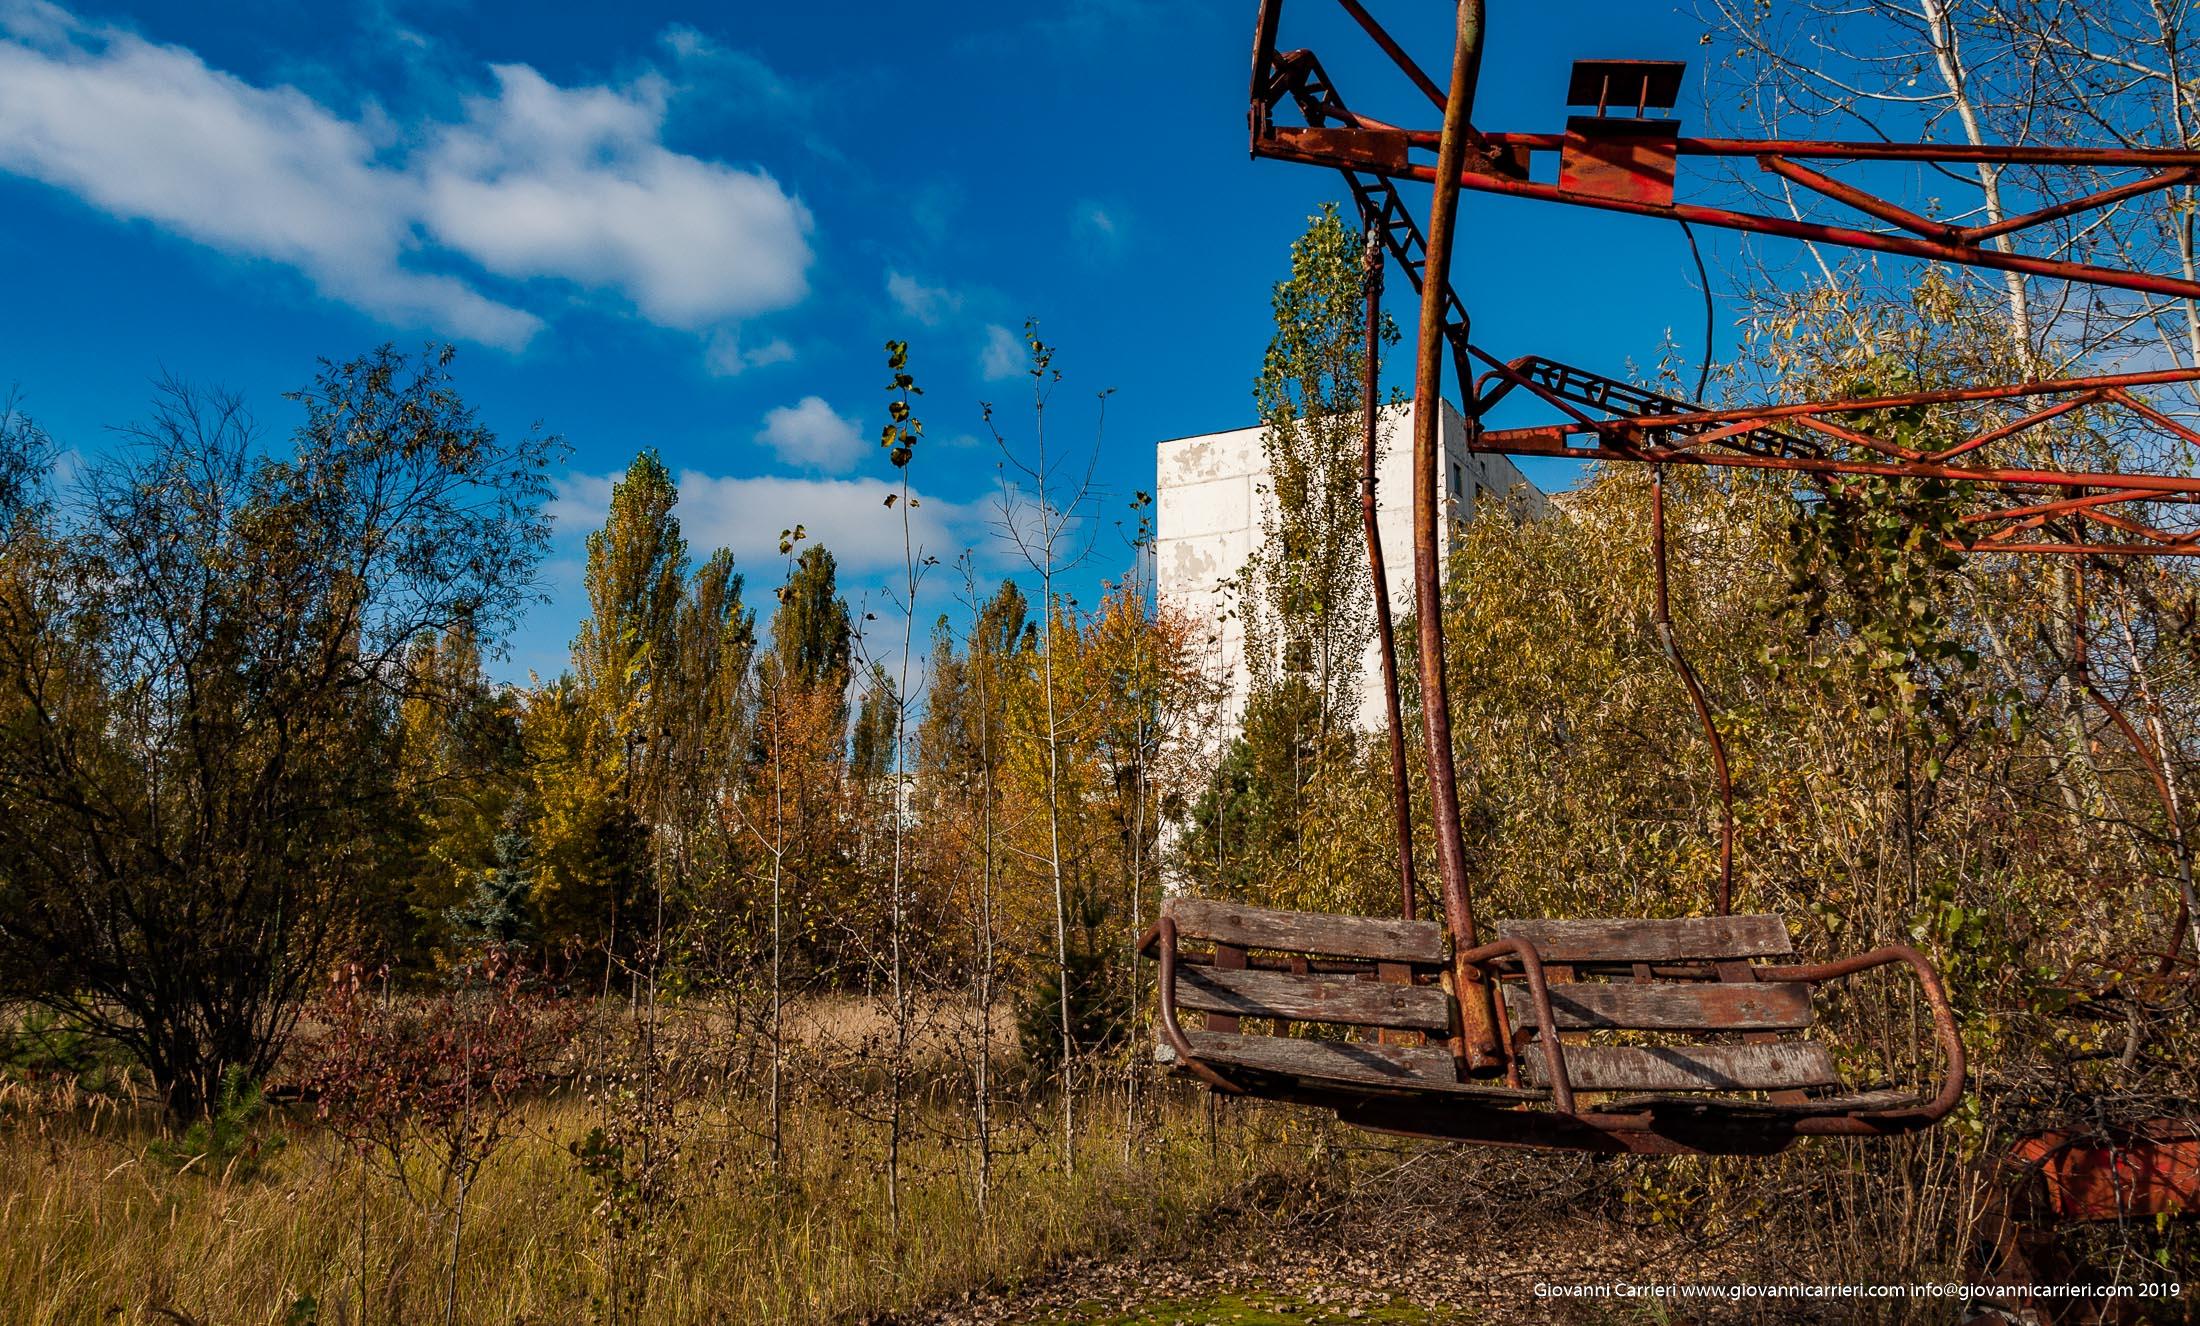 Parco dei divertimenti di Prypjat, Chernobyl